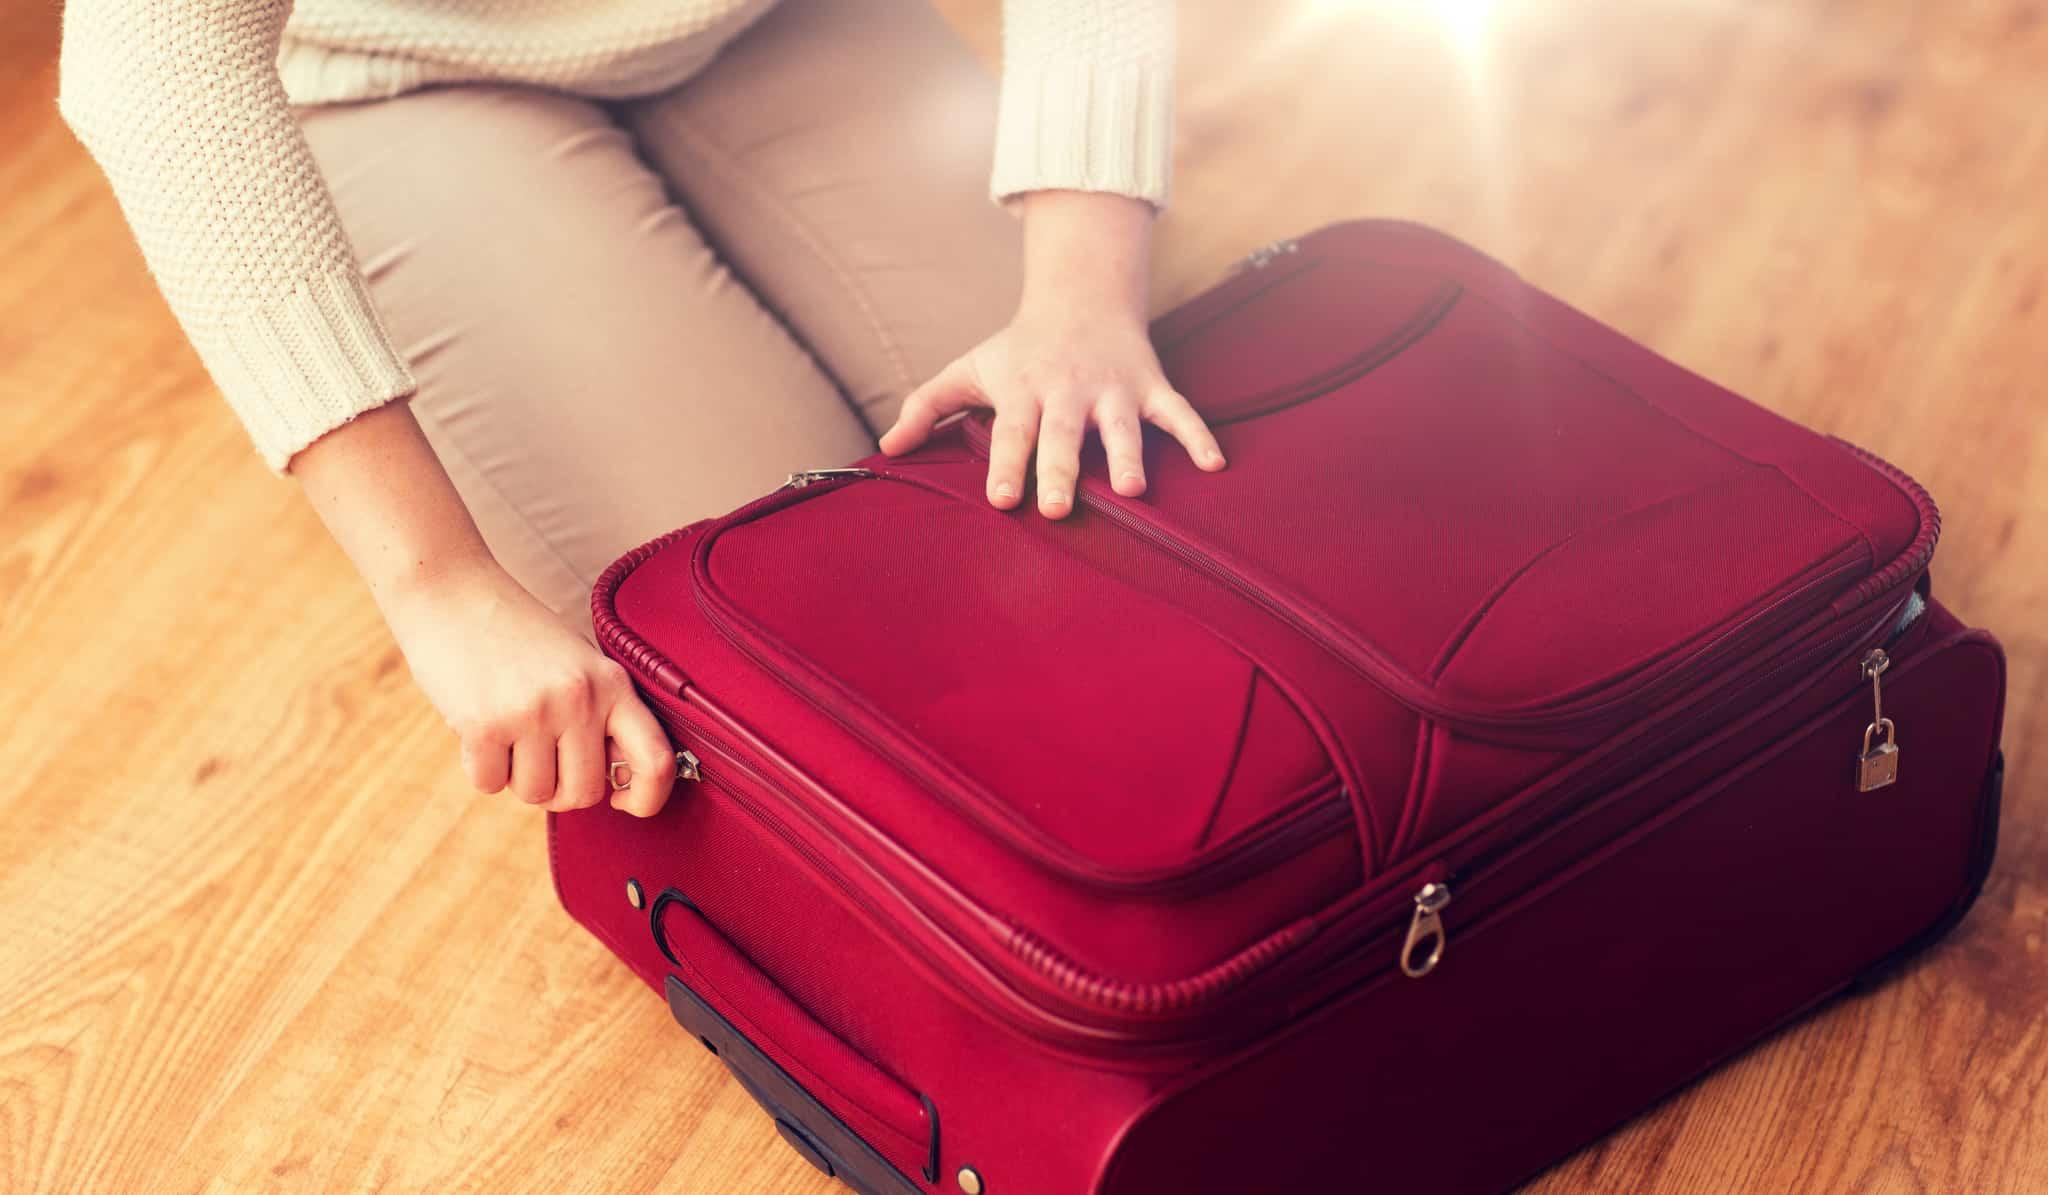 smörja blixtlåset på din resväska